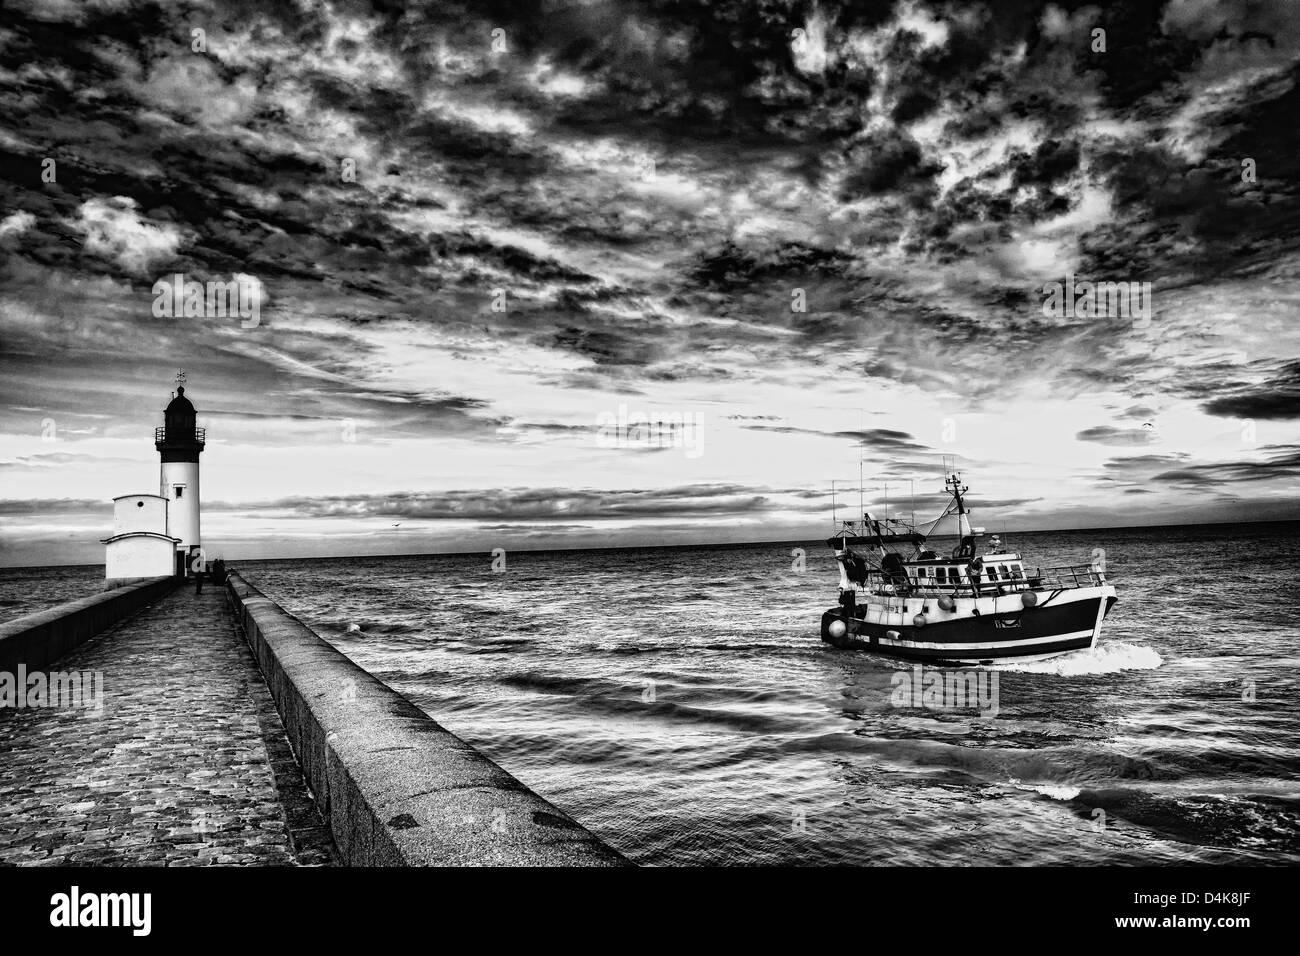 Barco que navega por el malecón de piedra en la playa Imagen De Stock